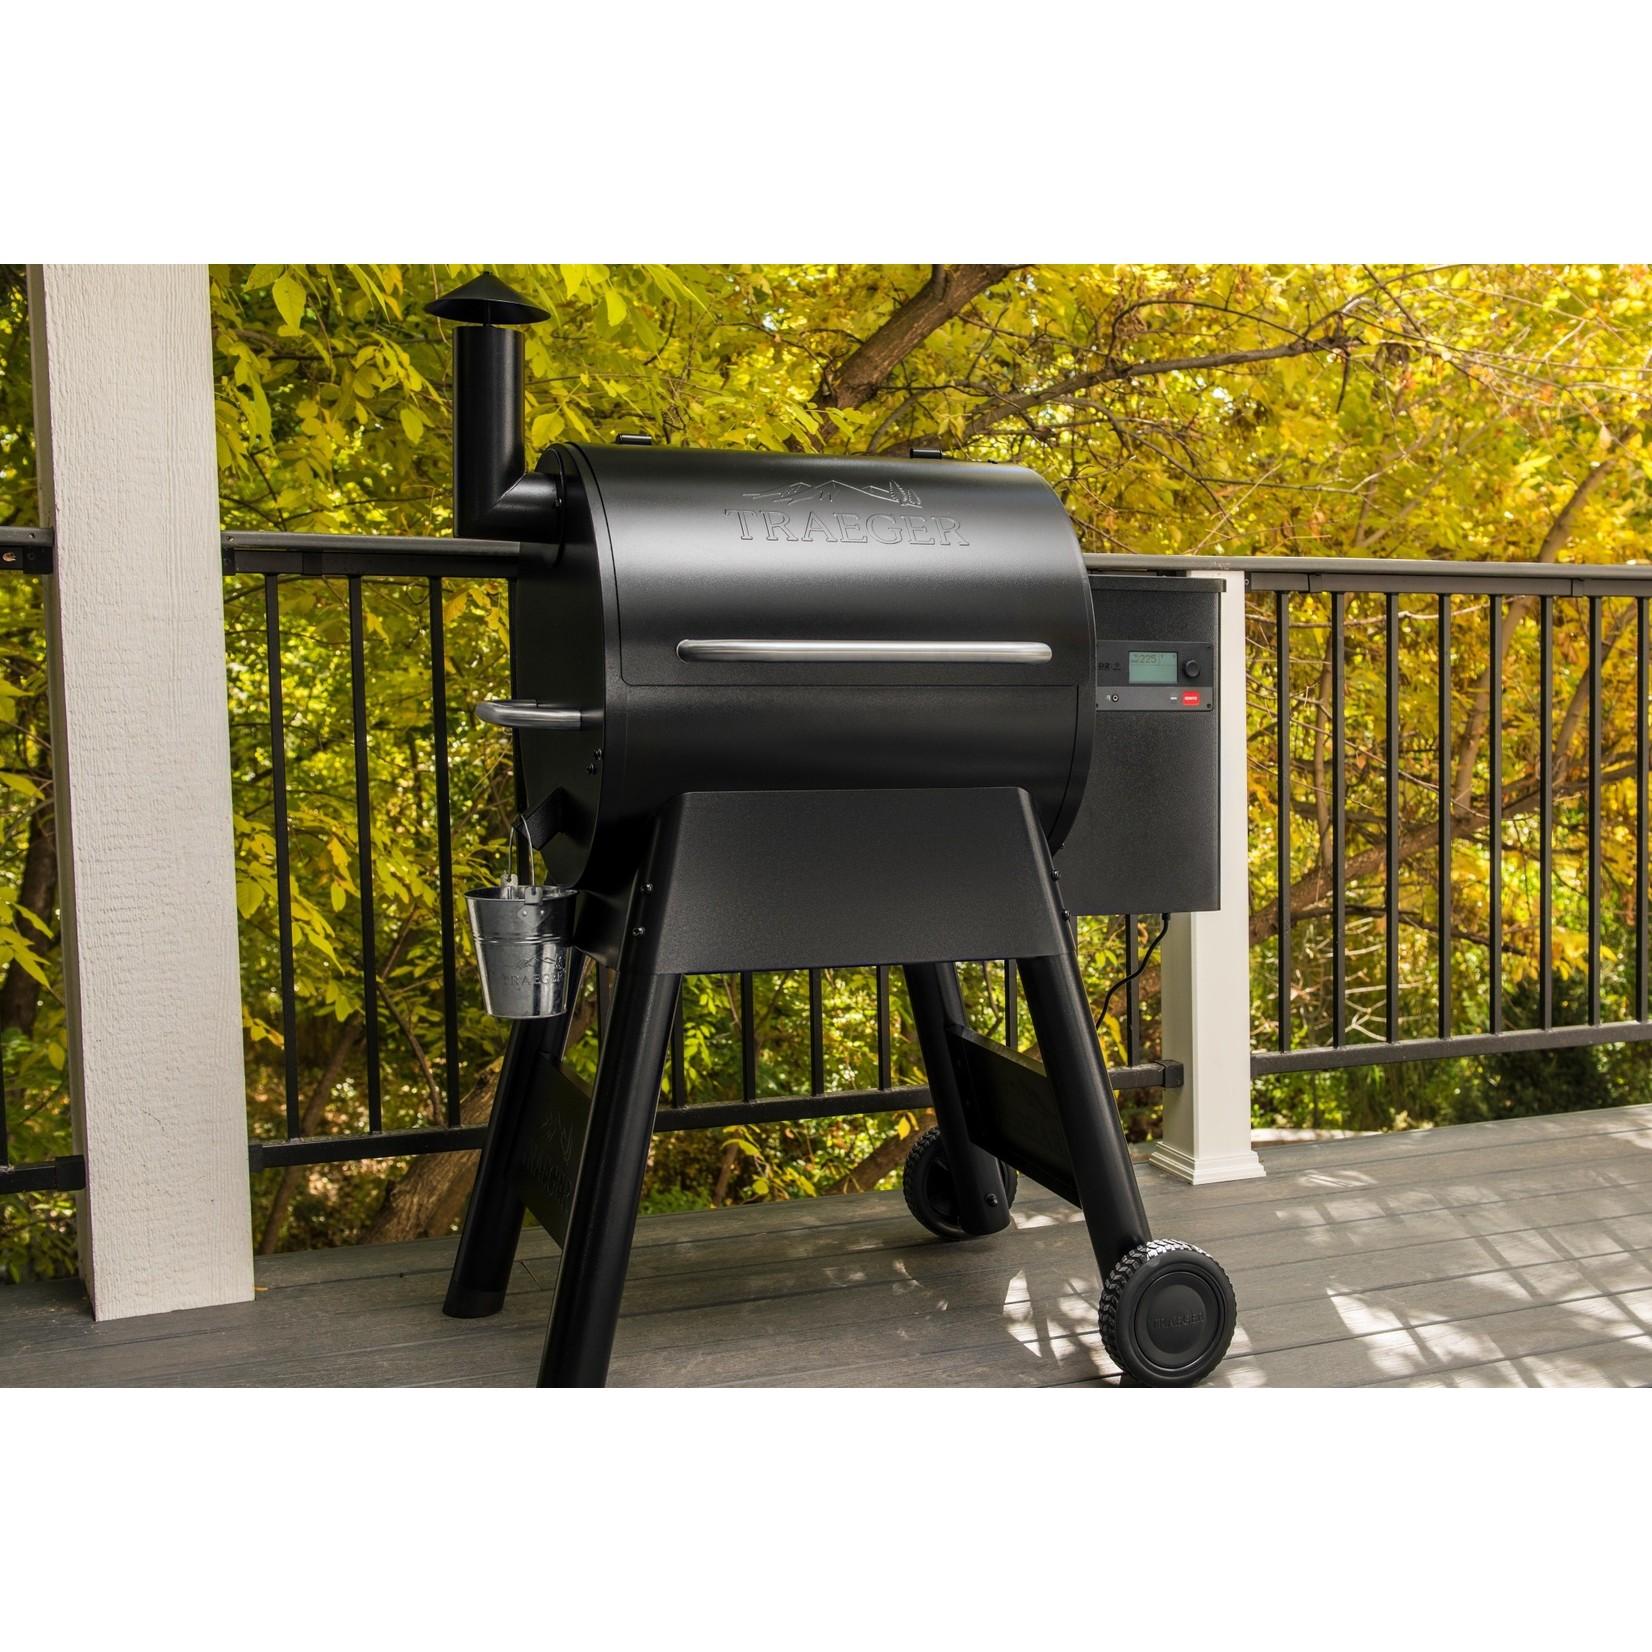 Traeger Traeger pellet grill Pro 575 Black